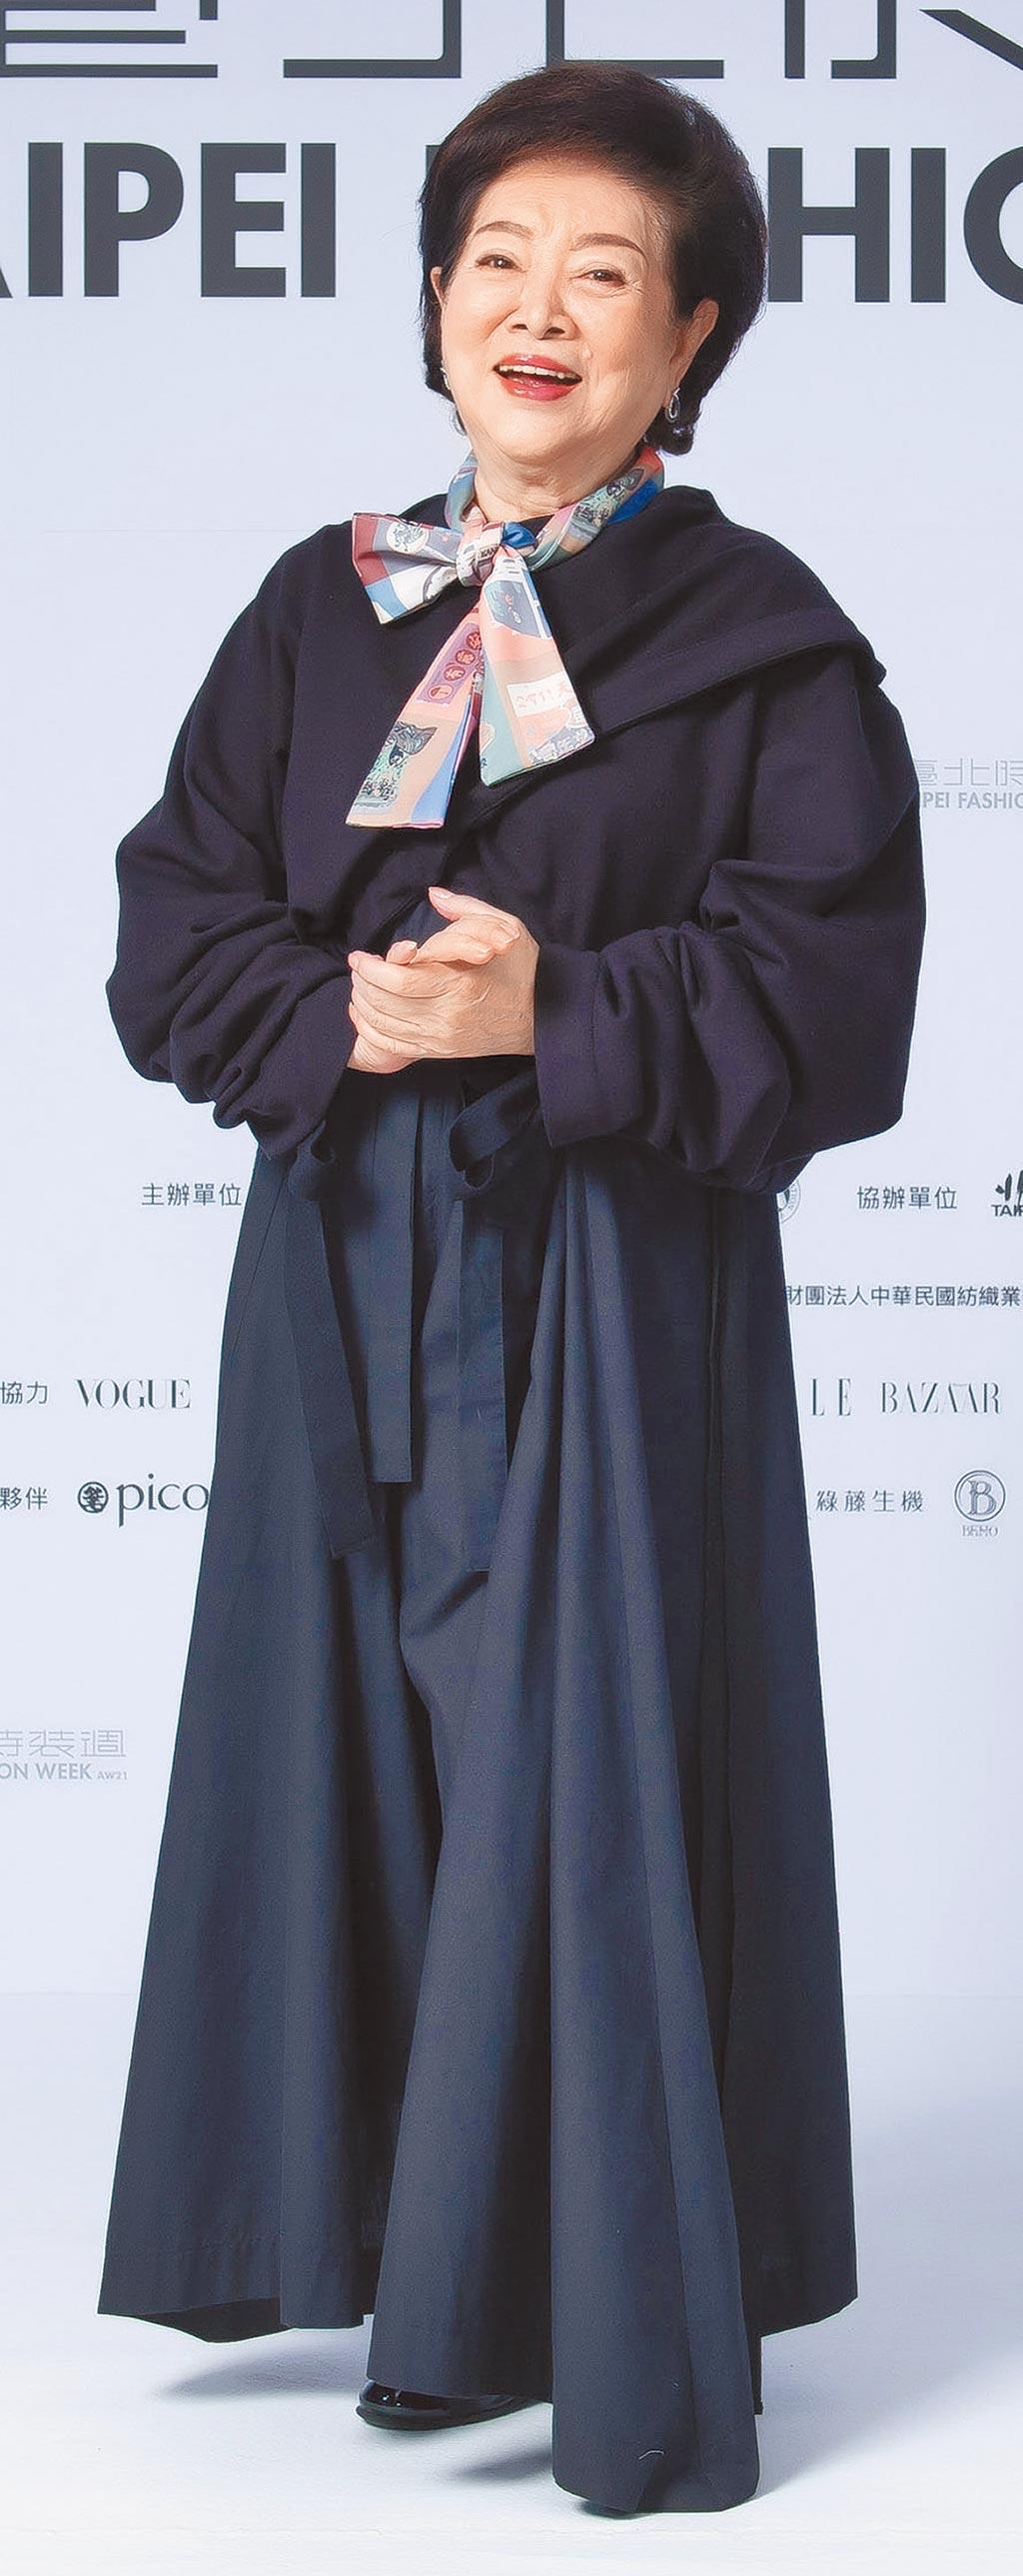 金馬影后陳淑芳出席臺北時裝週展前記者會,身穿INF的黑色修身套裝登場